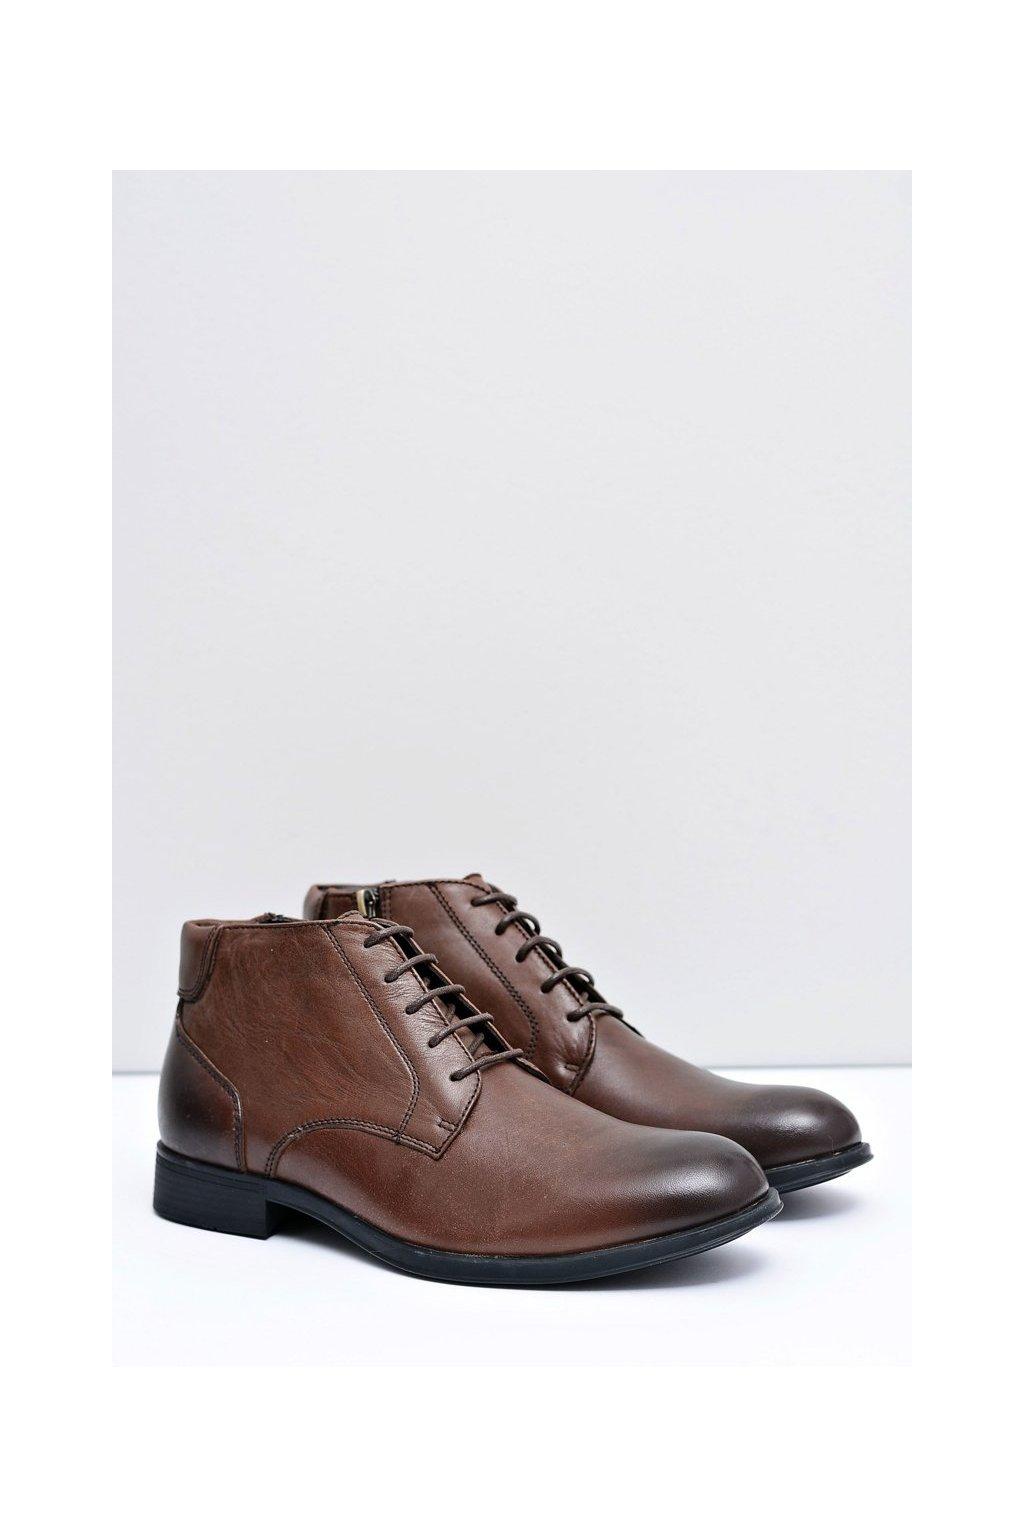 Pánske topánky kožené hnedé topánky Artemigo